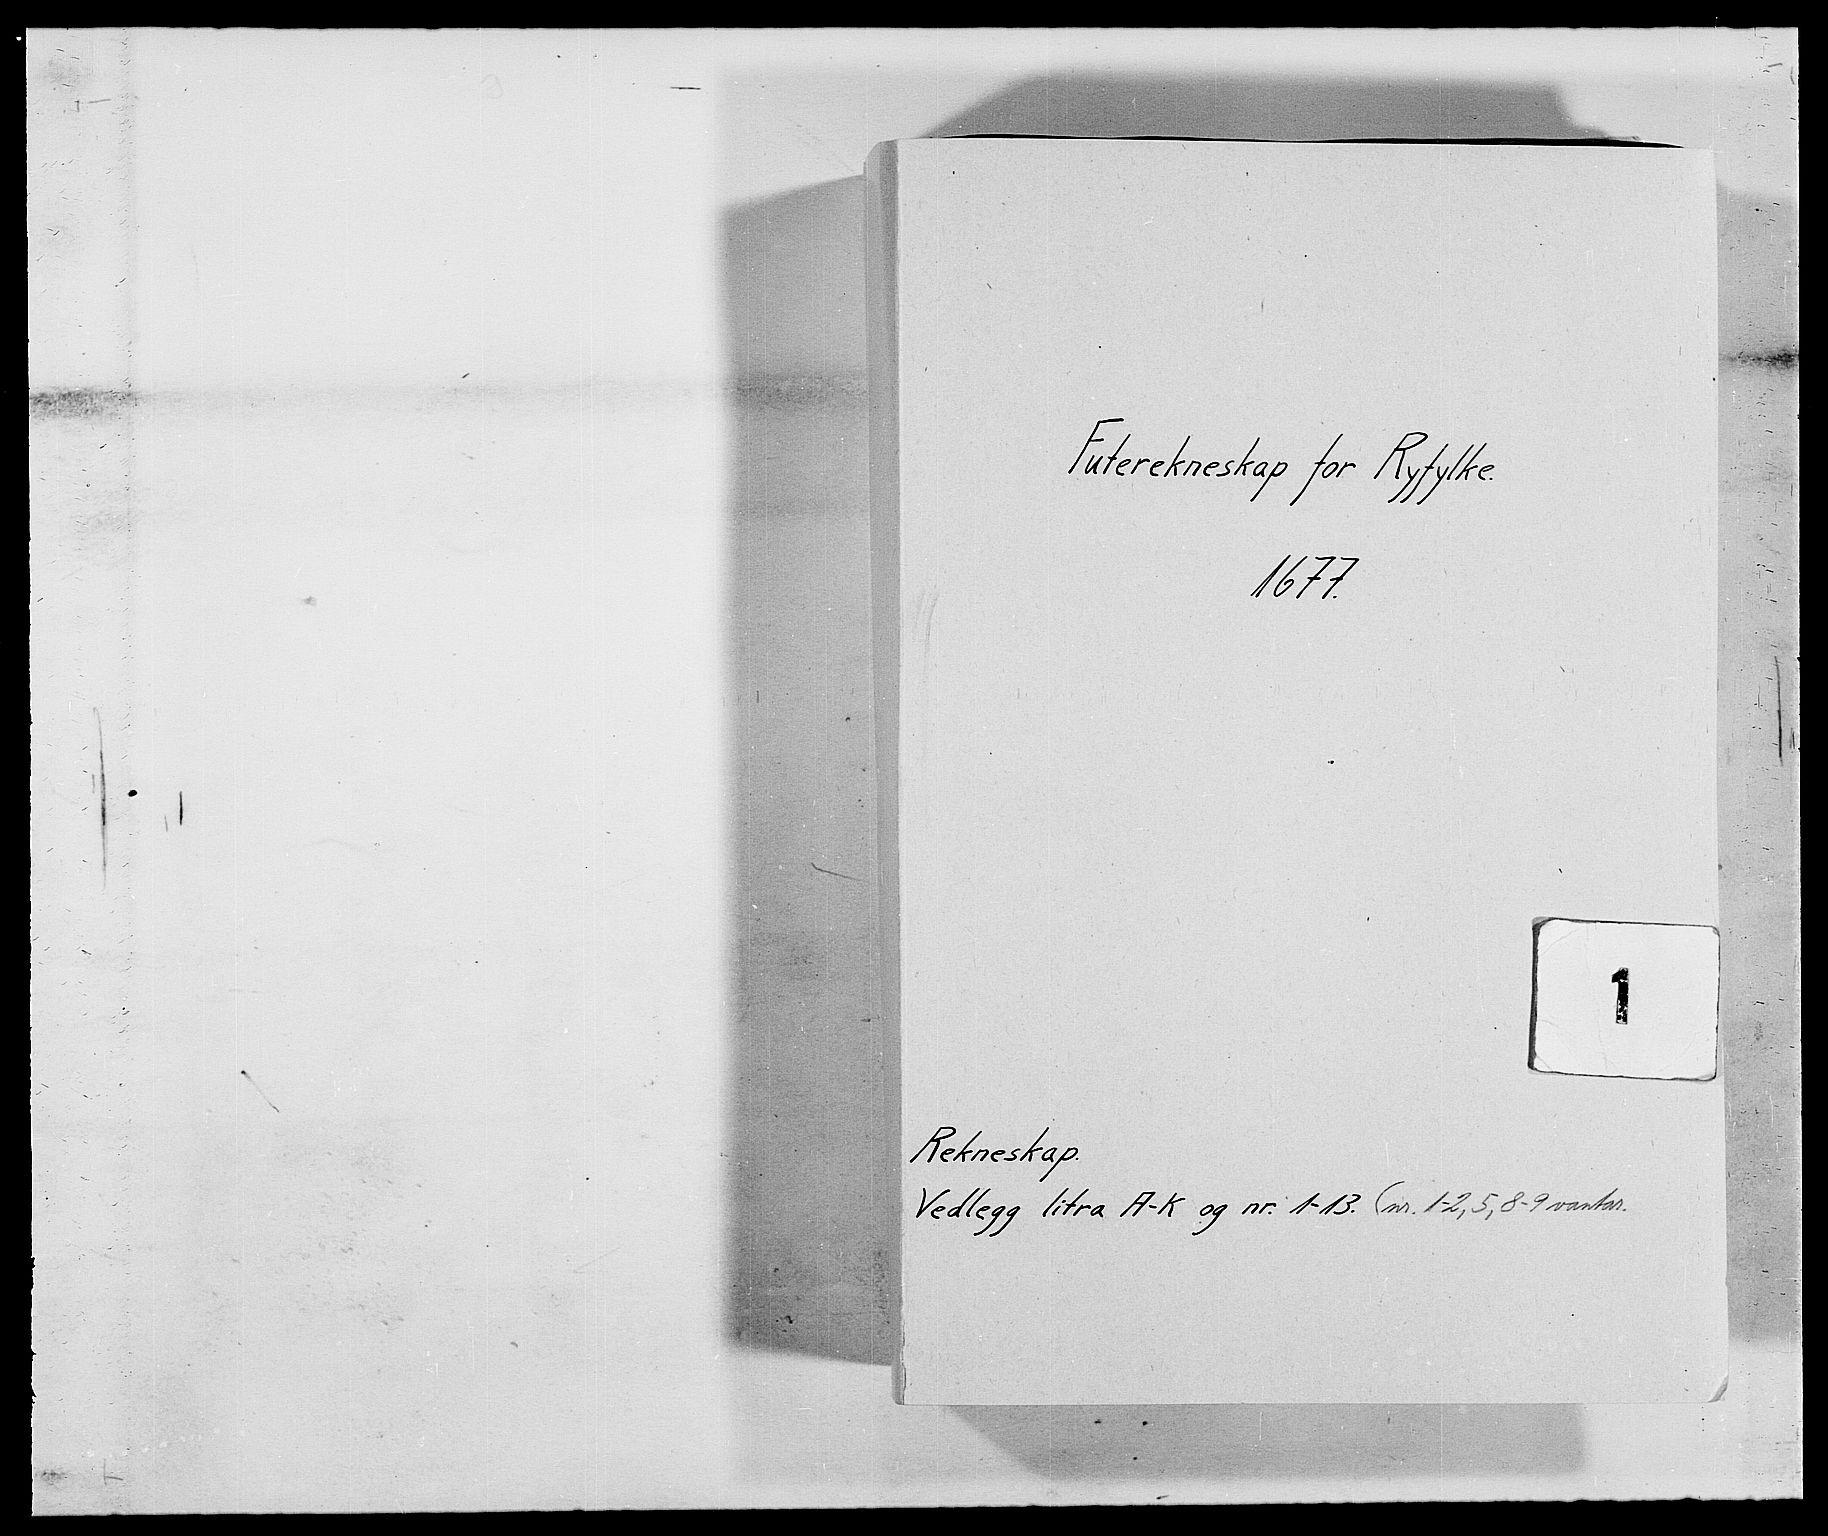 RA, Rentekammeret inntil 1814, Reviderte regnskaper, Fogderegnskap, R47/L2847: Fogderegnskap Ryfylke, 1677, s. 1